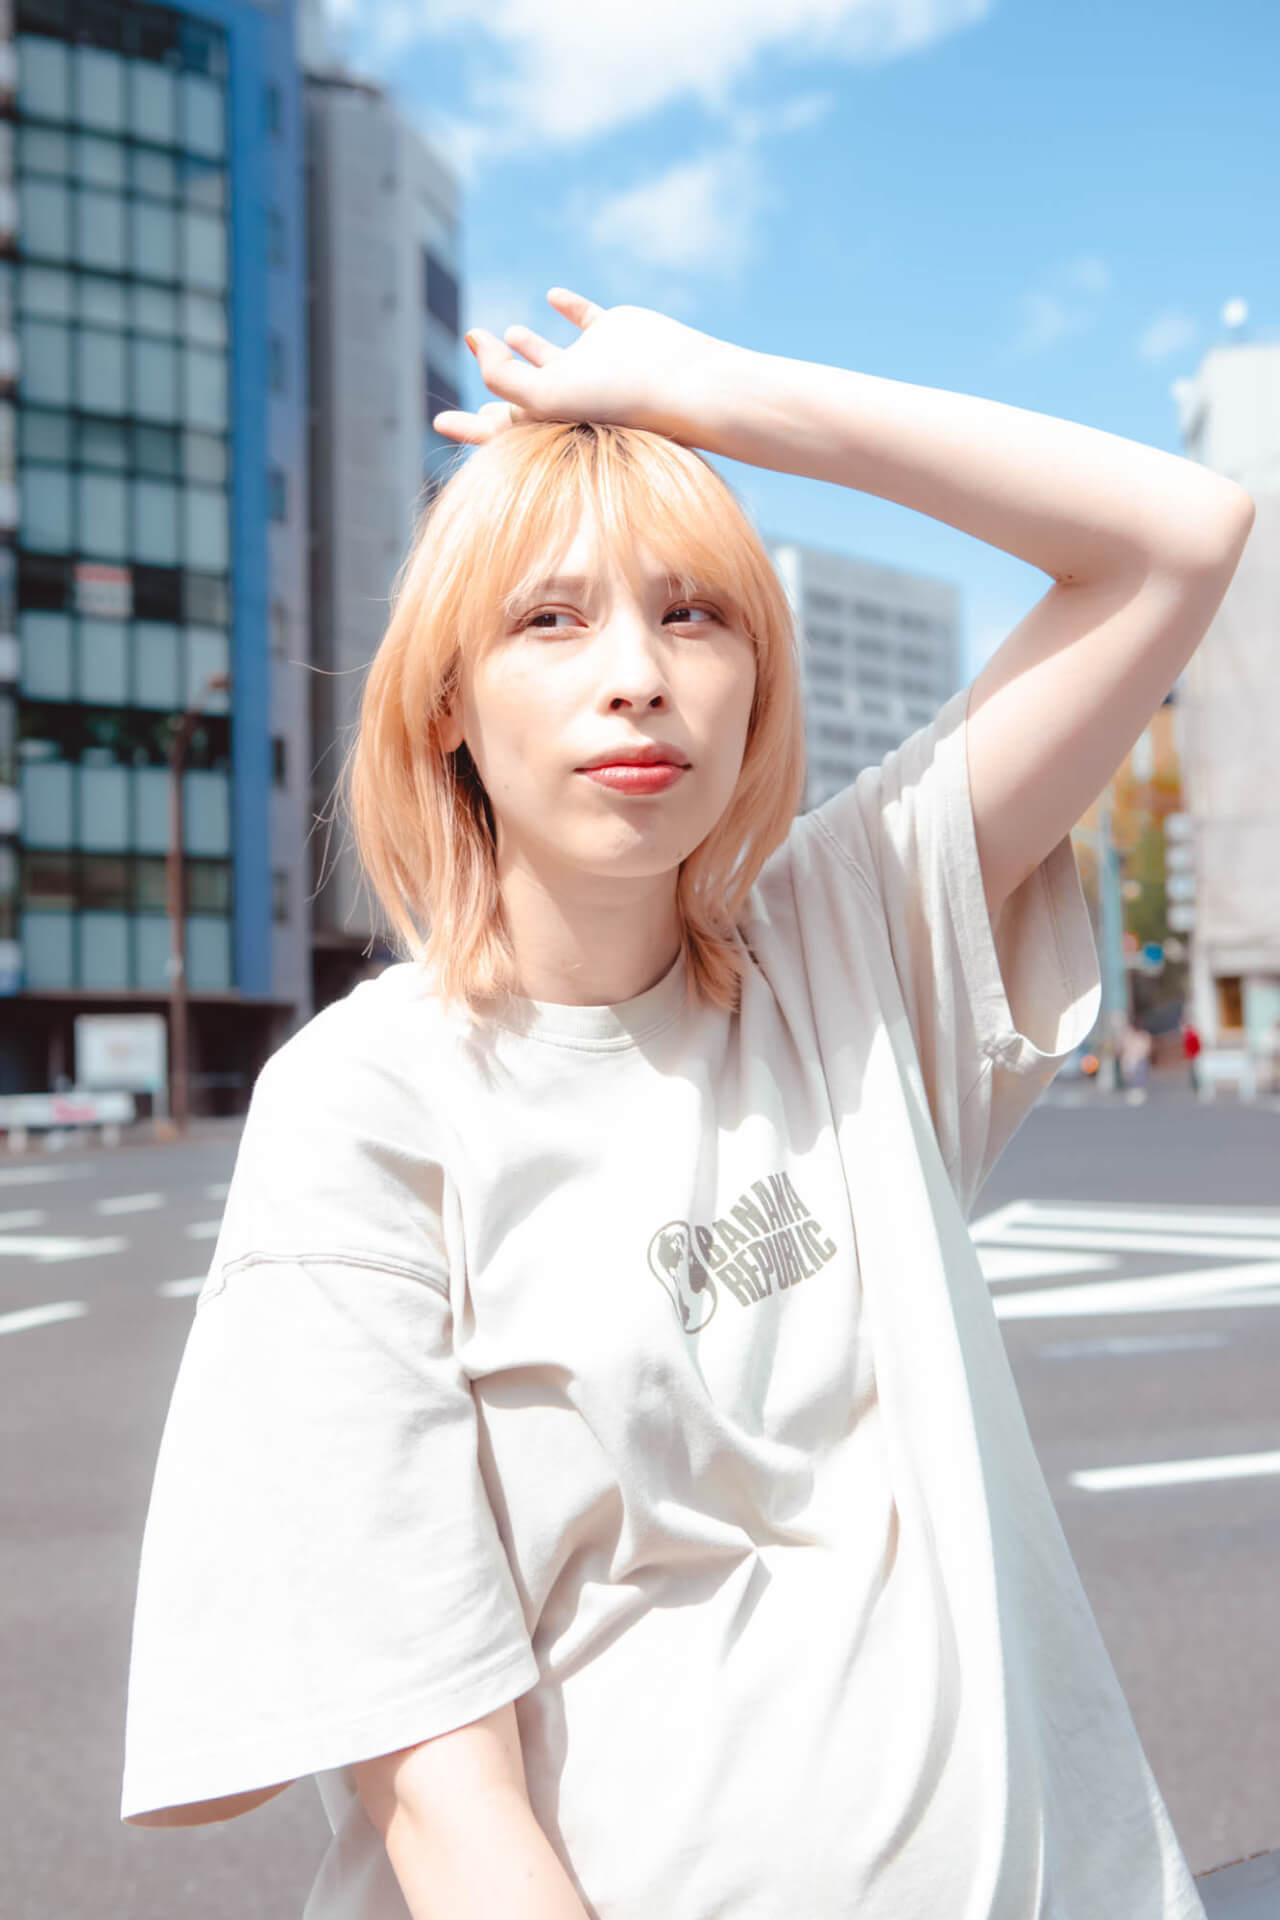 鼎談:minan × Rachel × valknee|フィメールラップの流動性と自己肯定の原動力 interview210419_lyricalschool-09